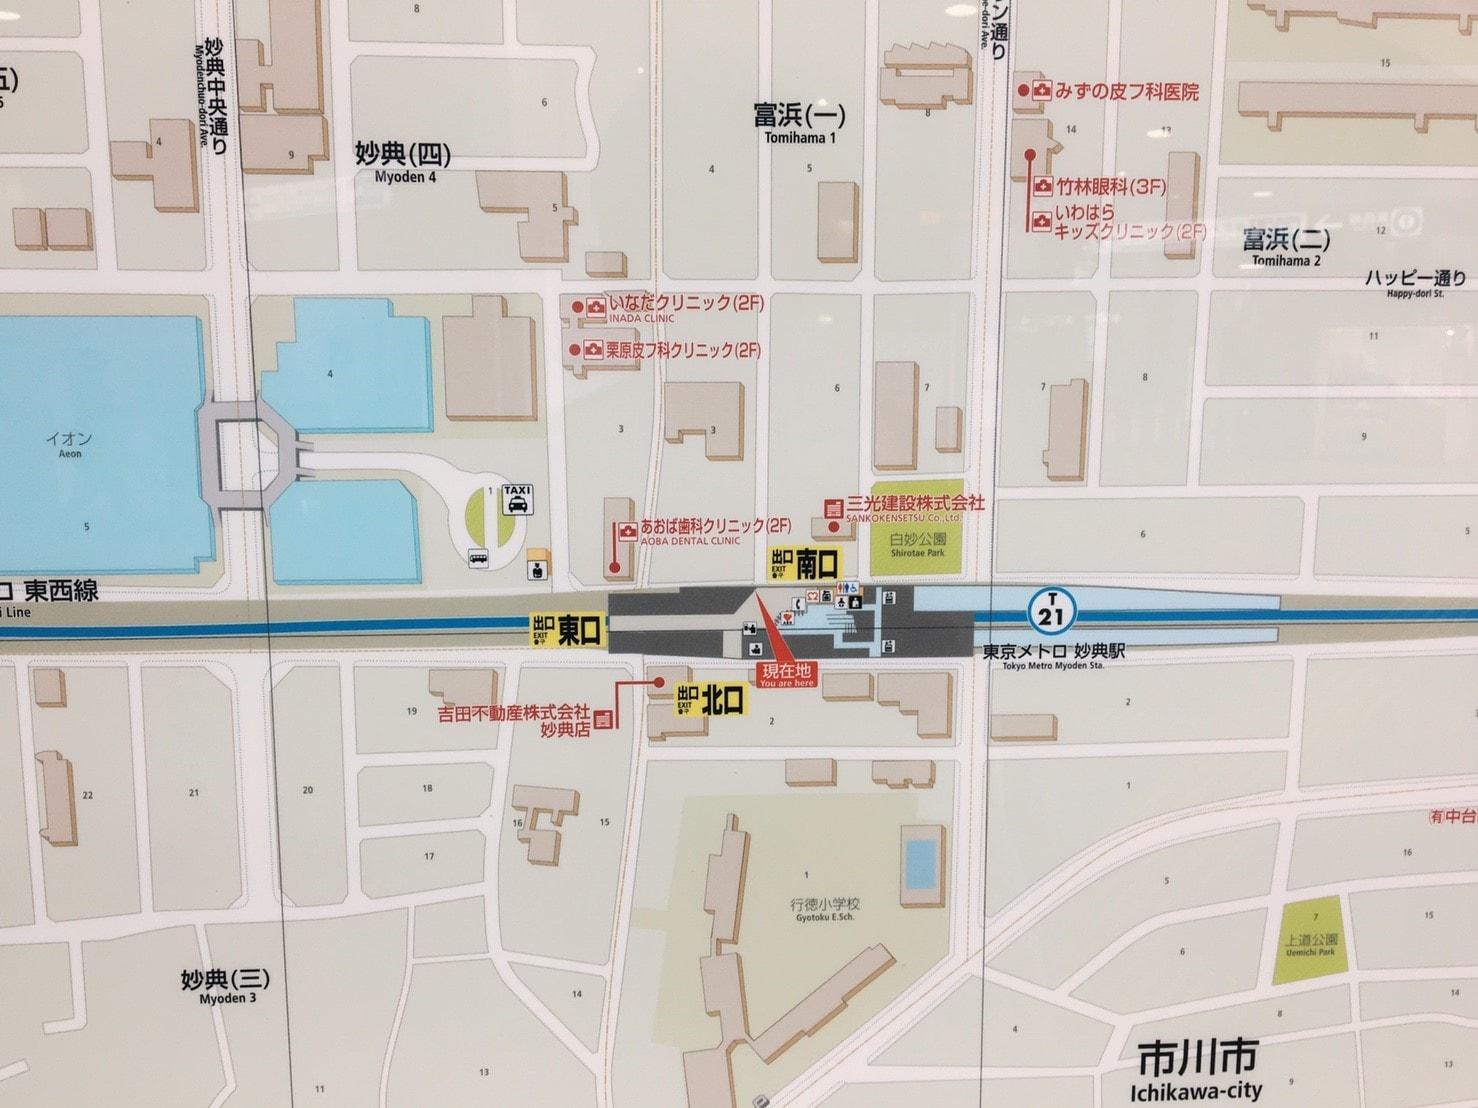 妙典駅周辺図